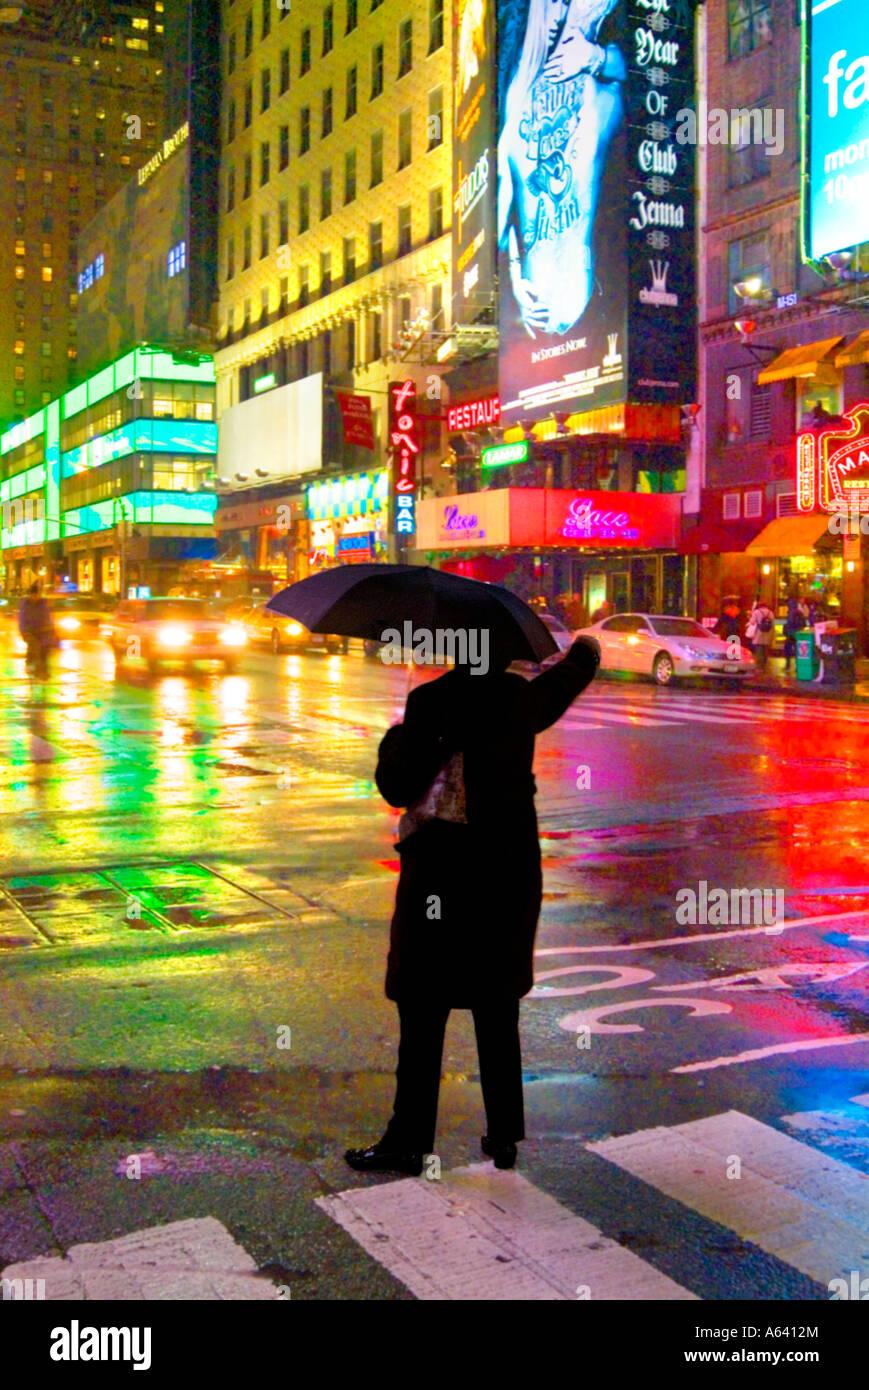 El hombre alaba Taxi con paraguas en la lluvia durante la noche, la ciudad de Nueva York Times Square, Nueva York, Imagen De Stock